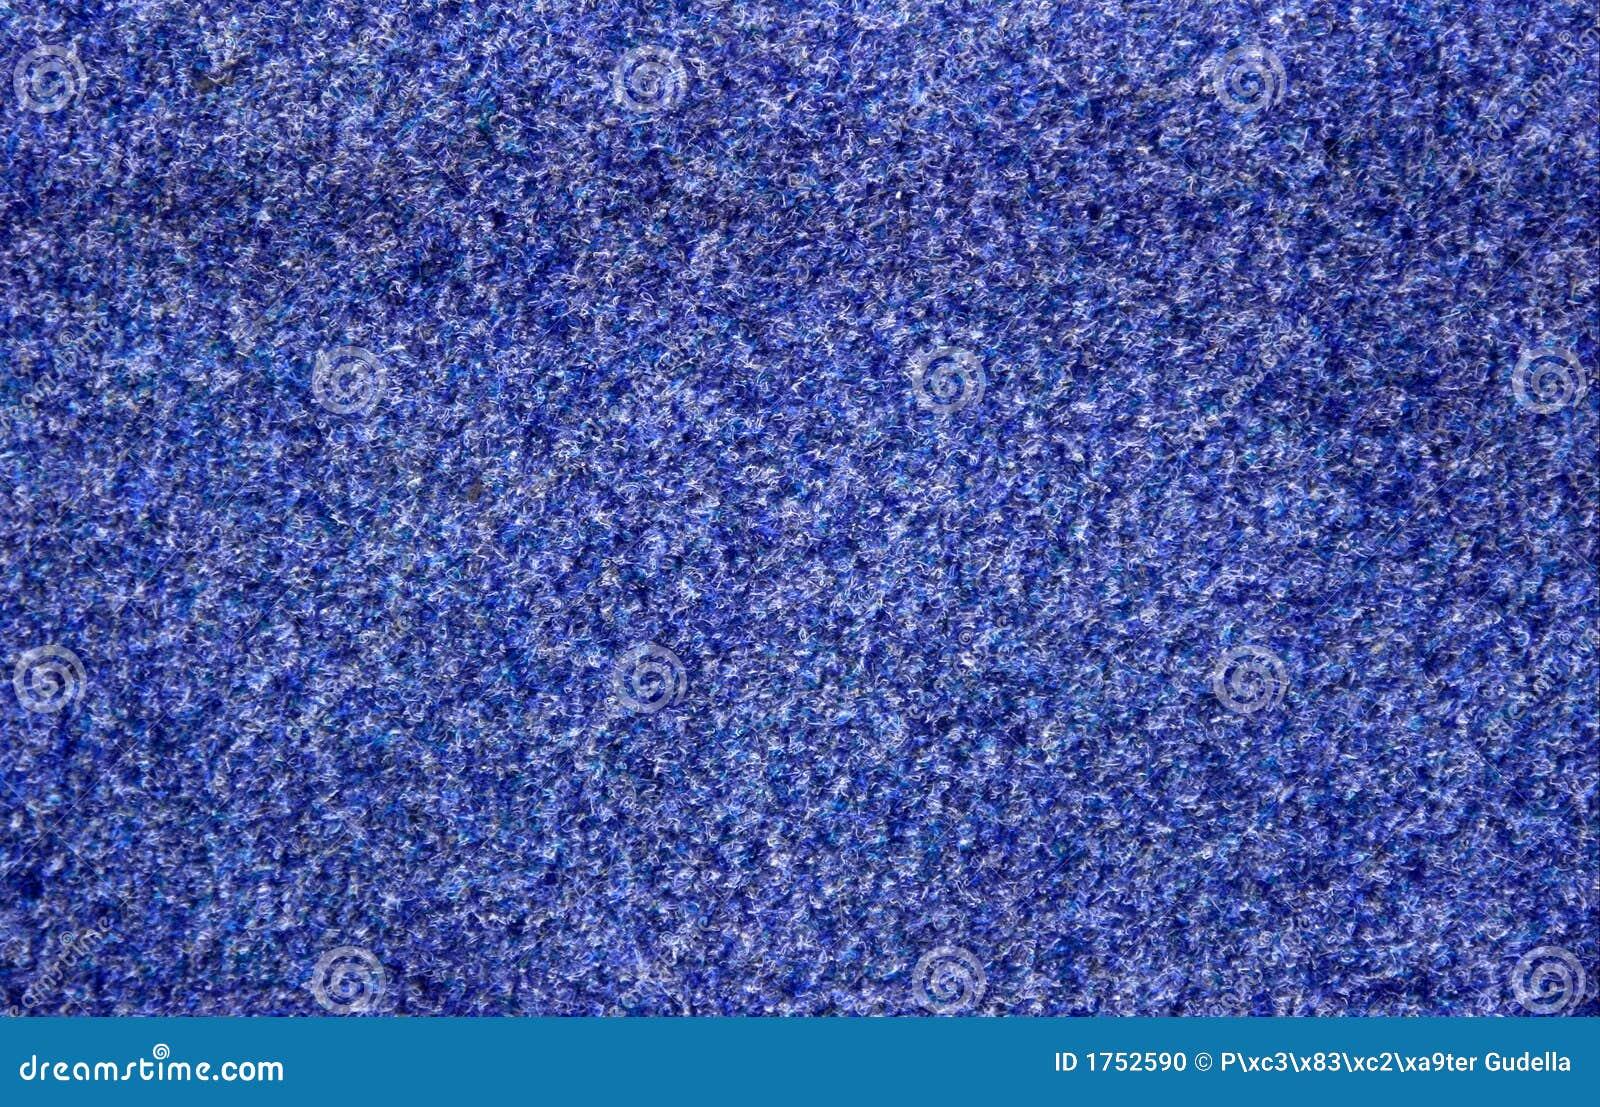 blauer teppich stockfoto - bild: 1752590, Hause ideen